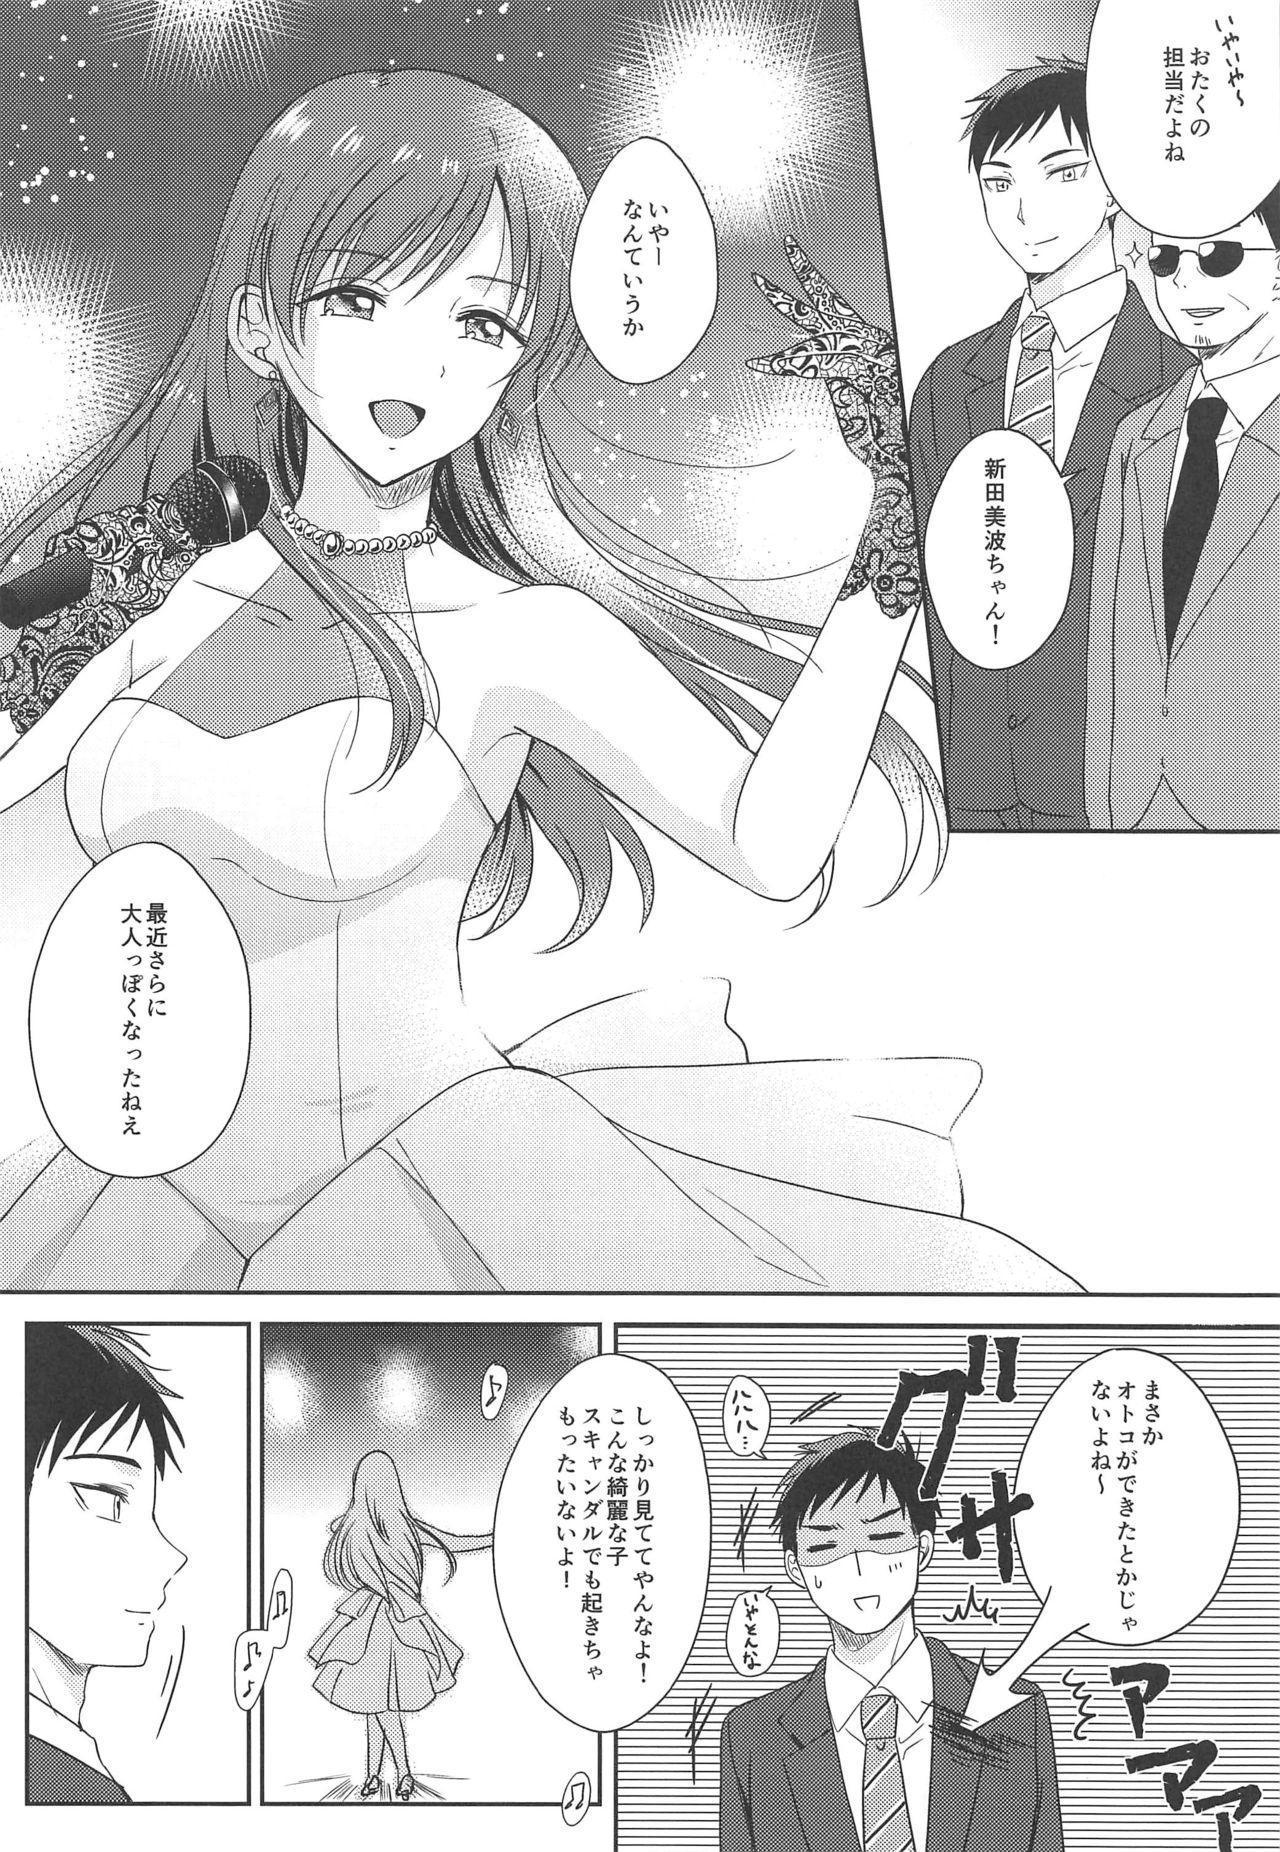 Minami no Hajimete 28